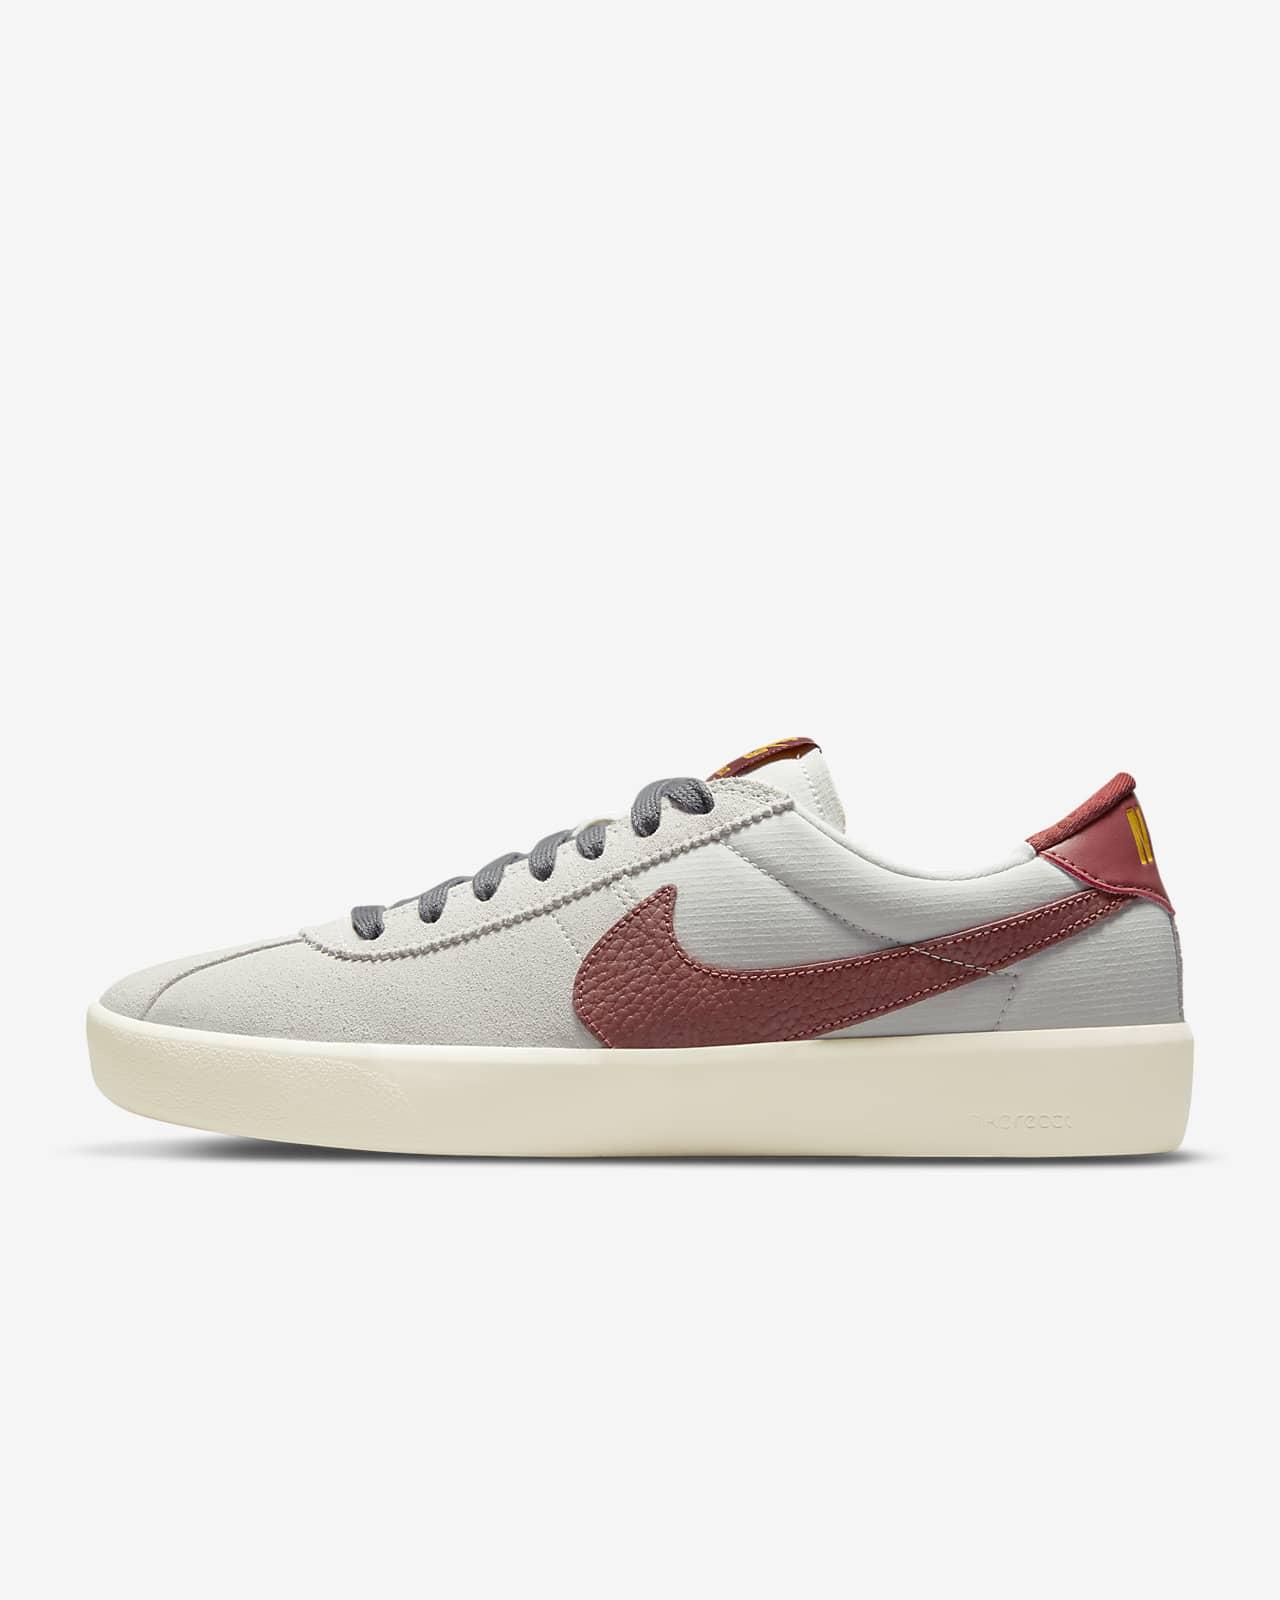 Chaussure de skateboard Nike SB Bruin React. Nike LU